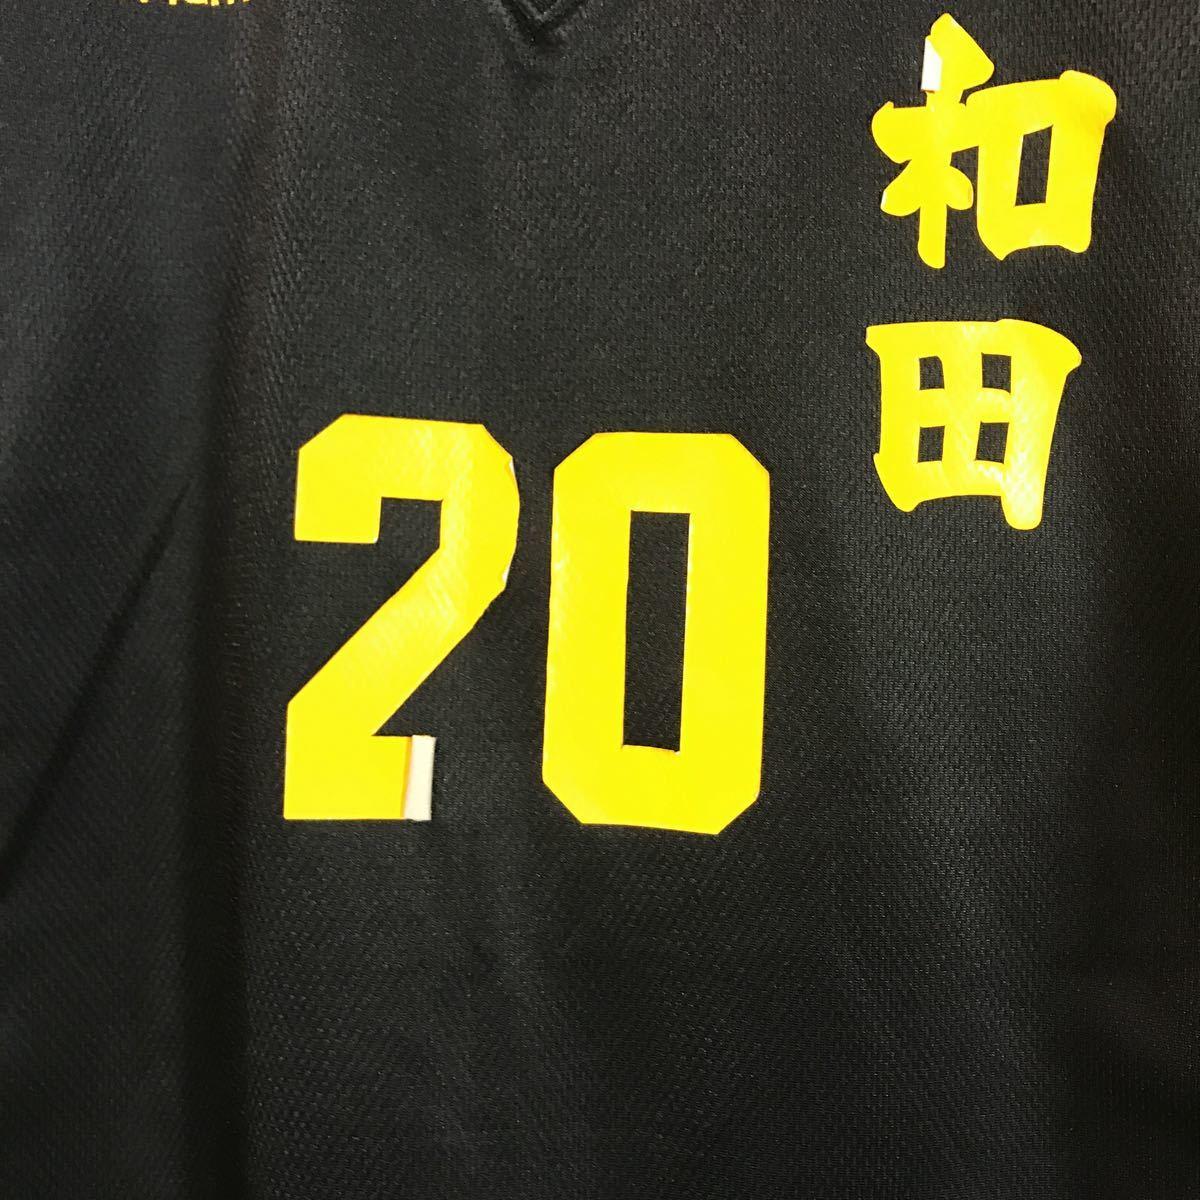 和田 女子バスケットボール部 ブルファイトbull fight #20 黒 ブラック バスケユニフォーム バスケットボール 上下セット Mサイズ_画像4